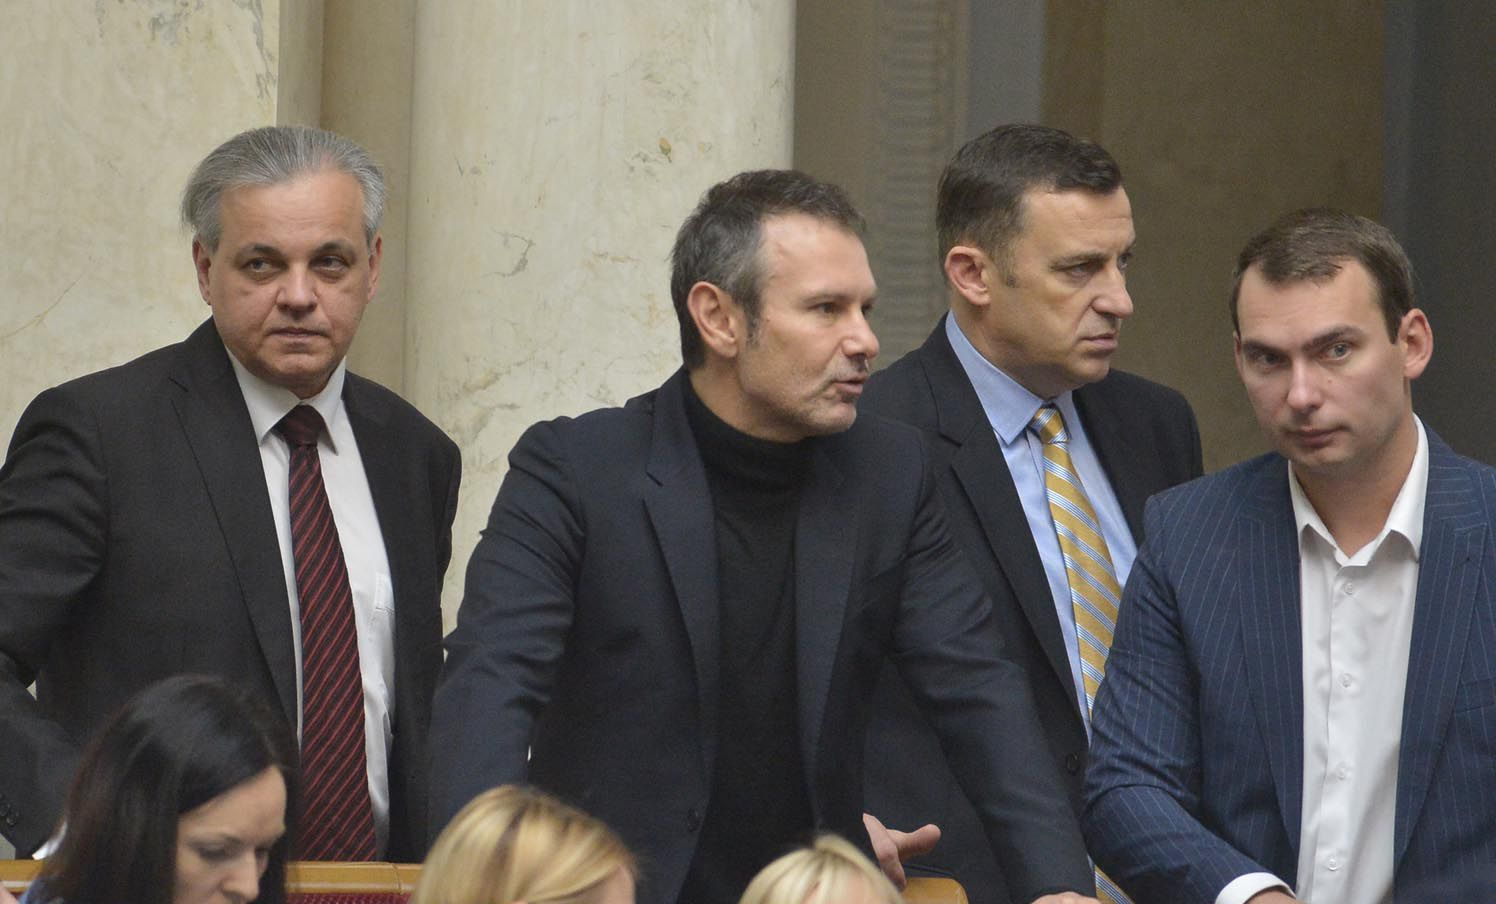 Приняты законопроекты о реформе органов прокуратуры и перезагрузке власти